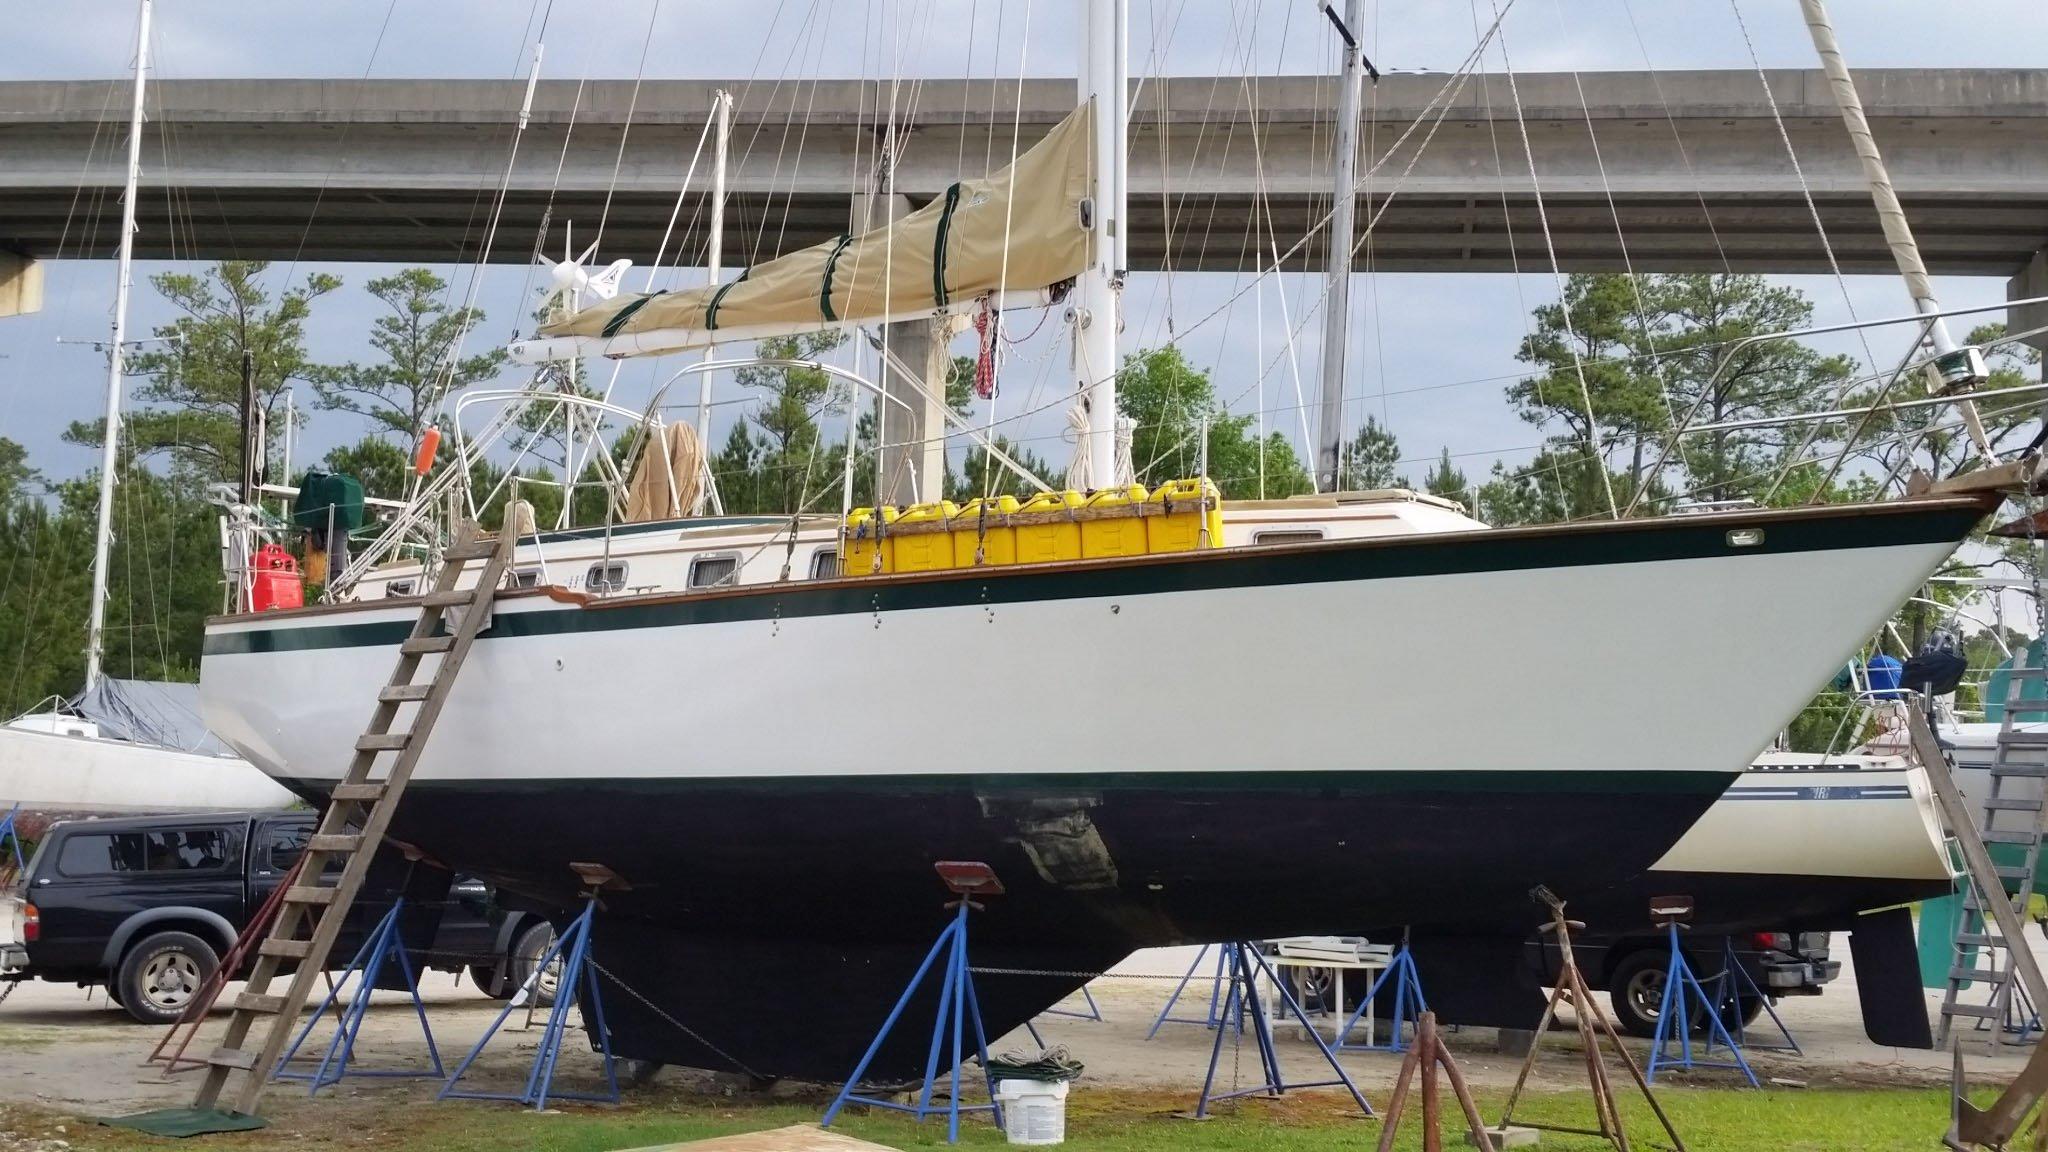 1981 Endeavour Center Cockpit Sloop Sail Boat For Sale